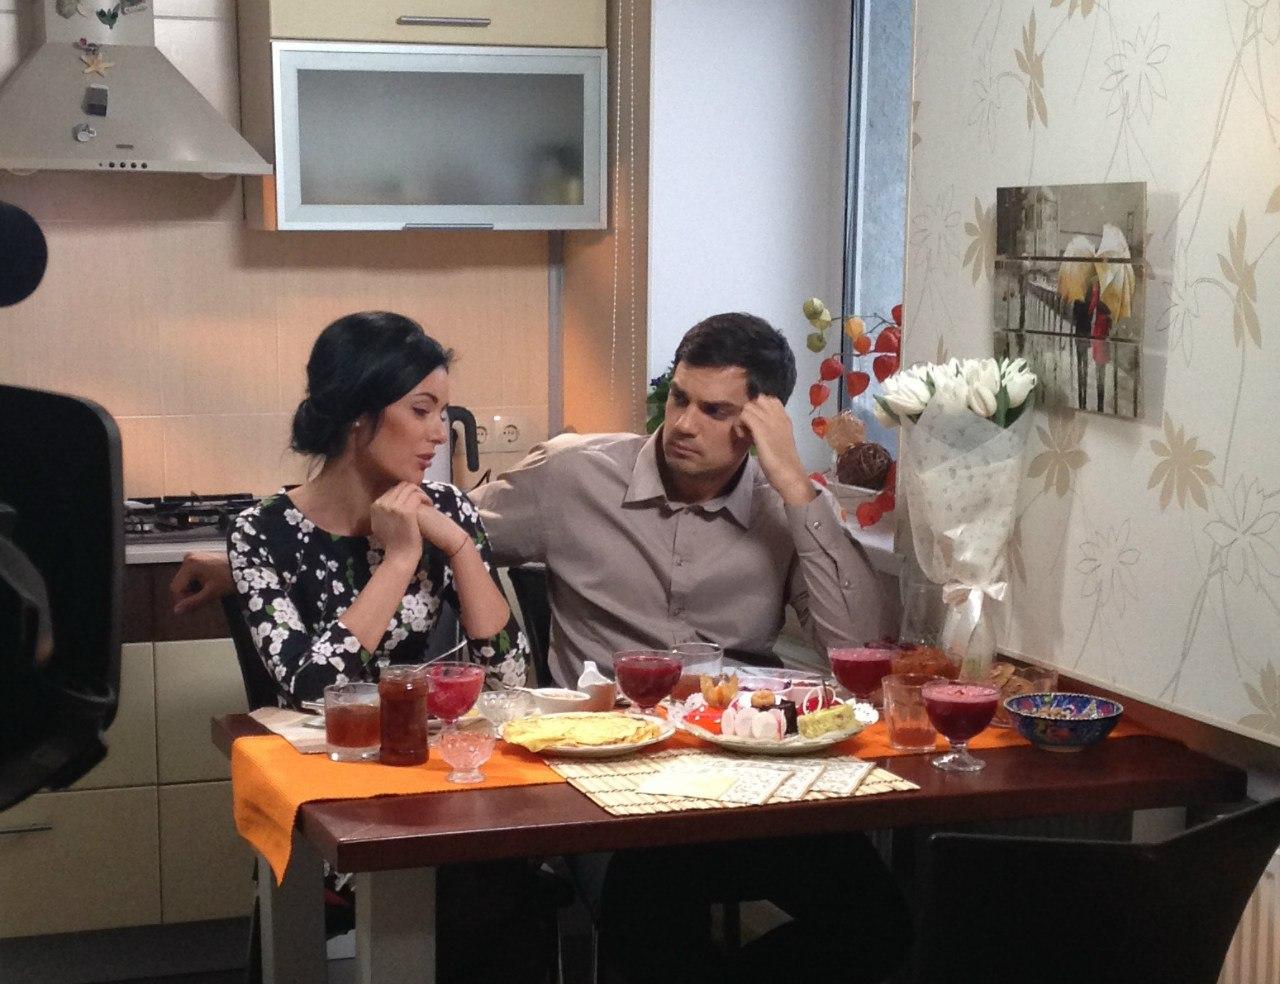 Смотреть Шоу Холостяк 4: чья семья не понравилась Константину Евтушенко (фото) видео